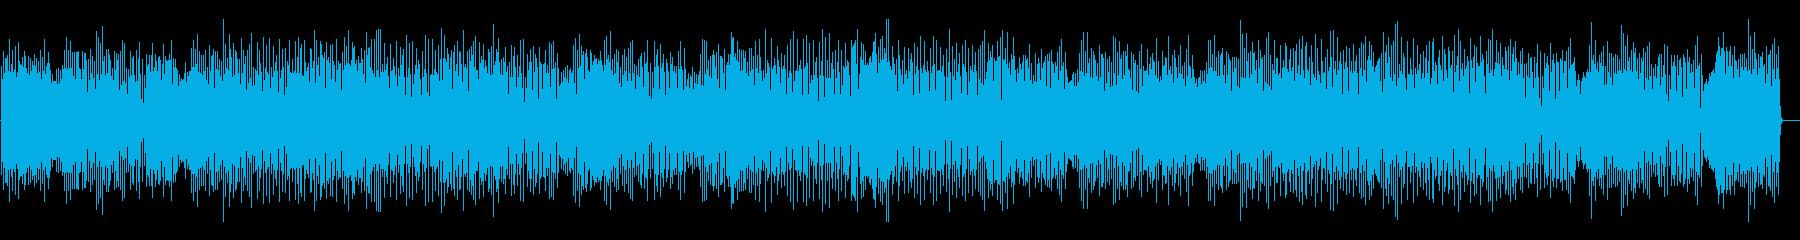 コミカルで楽しいジプシージャズBGMの再生済みの波形